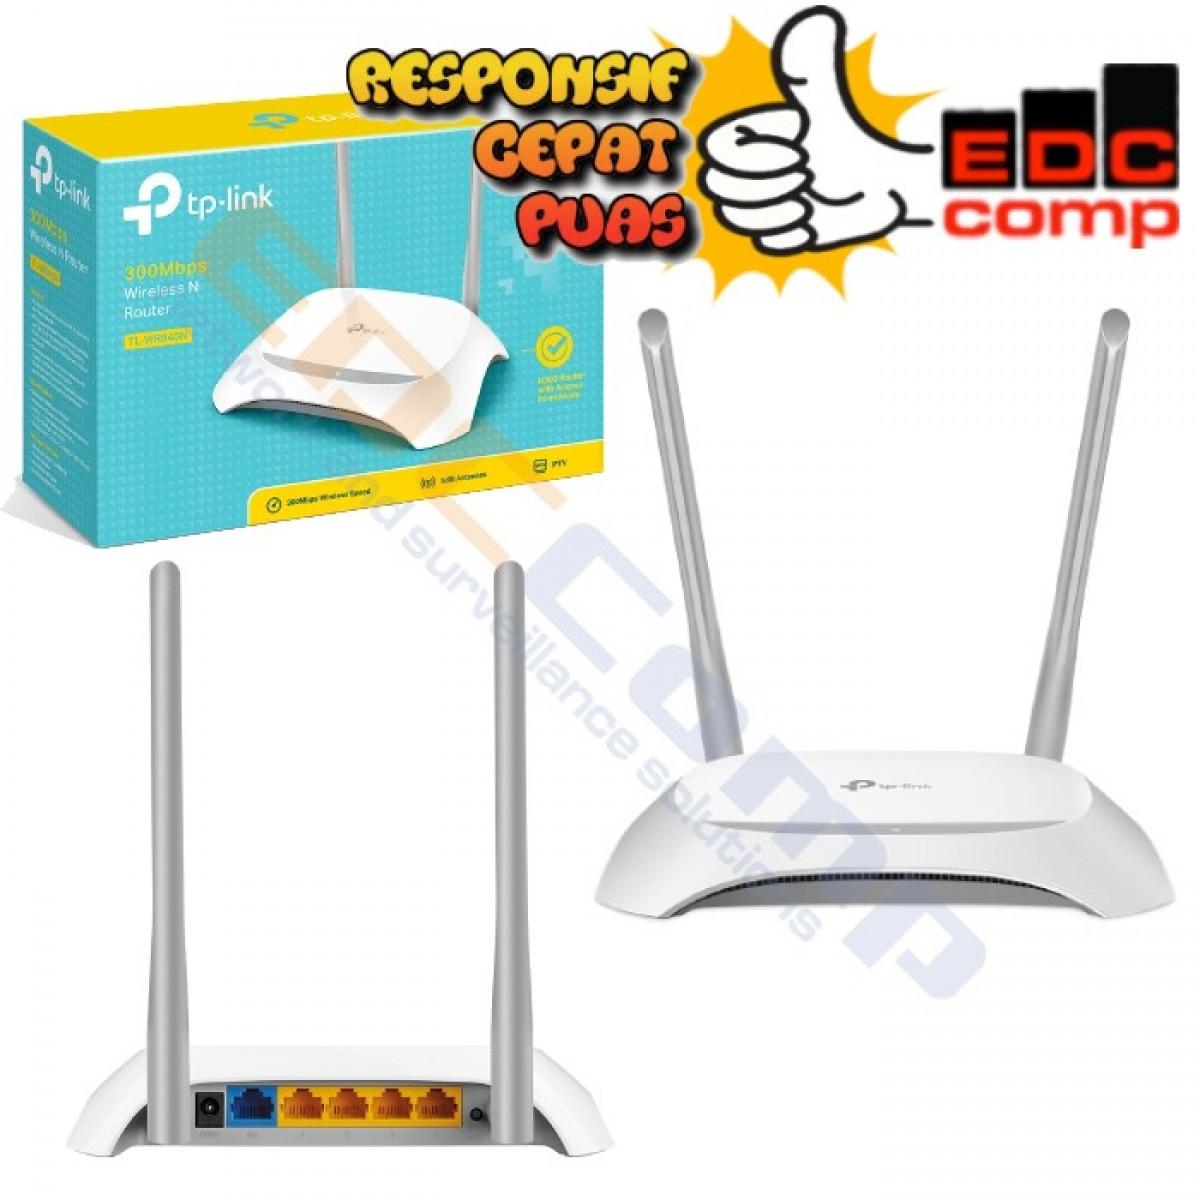 TP-LINK TL-WR840N / TL WR840N (V2) (Antena) 300MBps - EdcComp